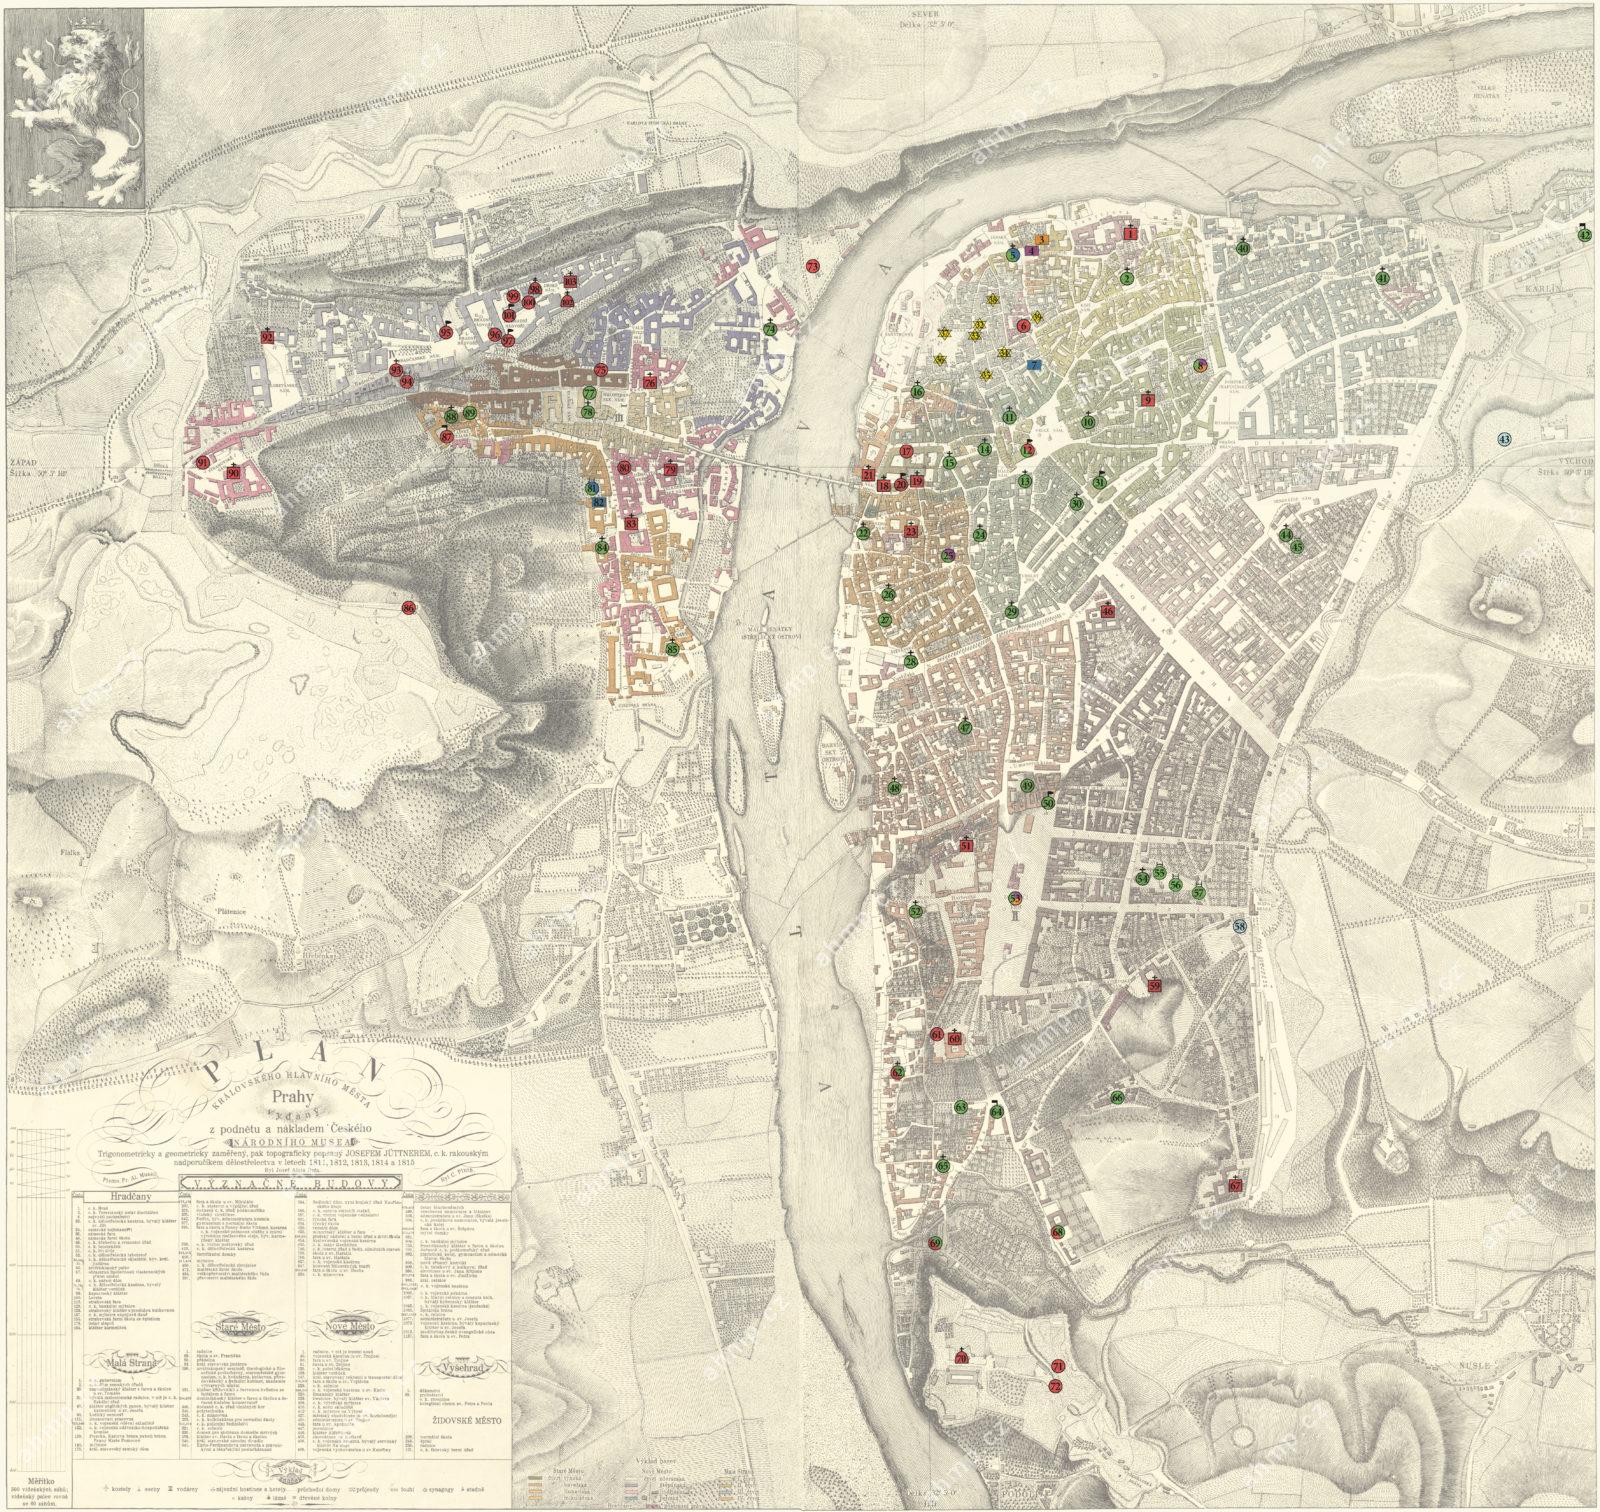 Církevní topografie Prahy v době předbělohorské, před rokem 1620, zachyceno na Plánu královského hlavního města Prahy Josefa Jüttnera z let 1811–1815, AMP, Sbírka map a plánů, MAP P1 B/28